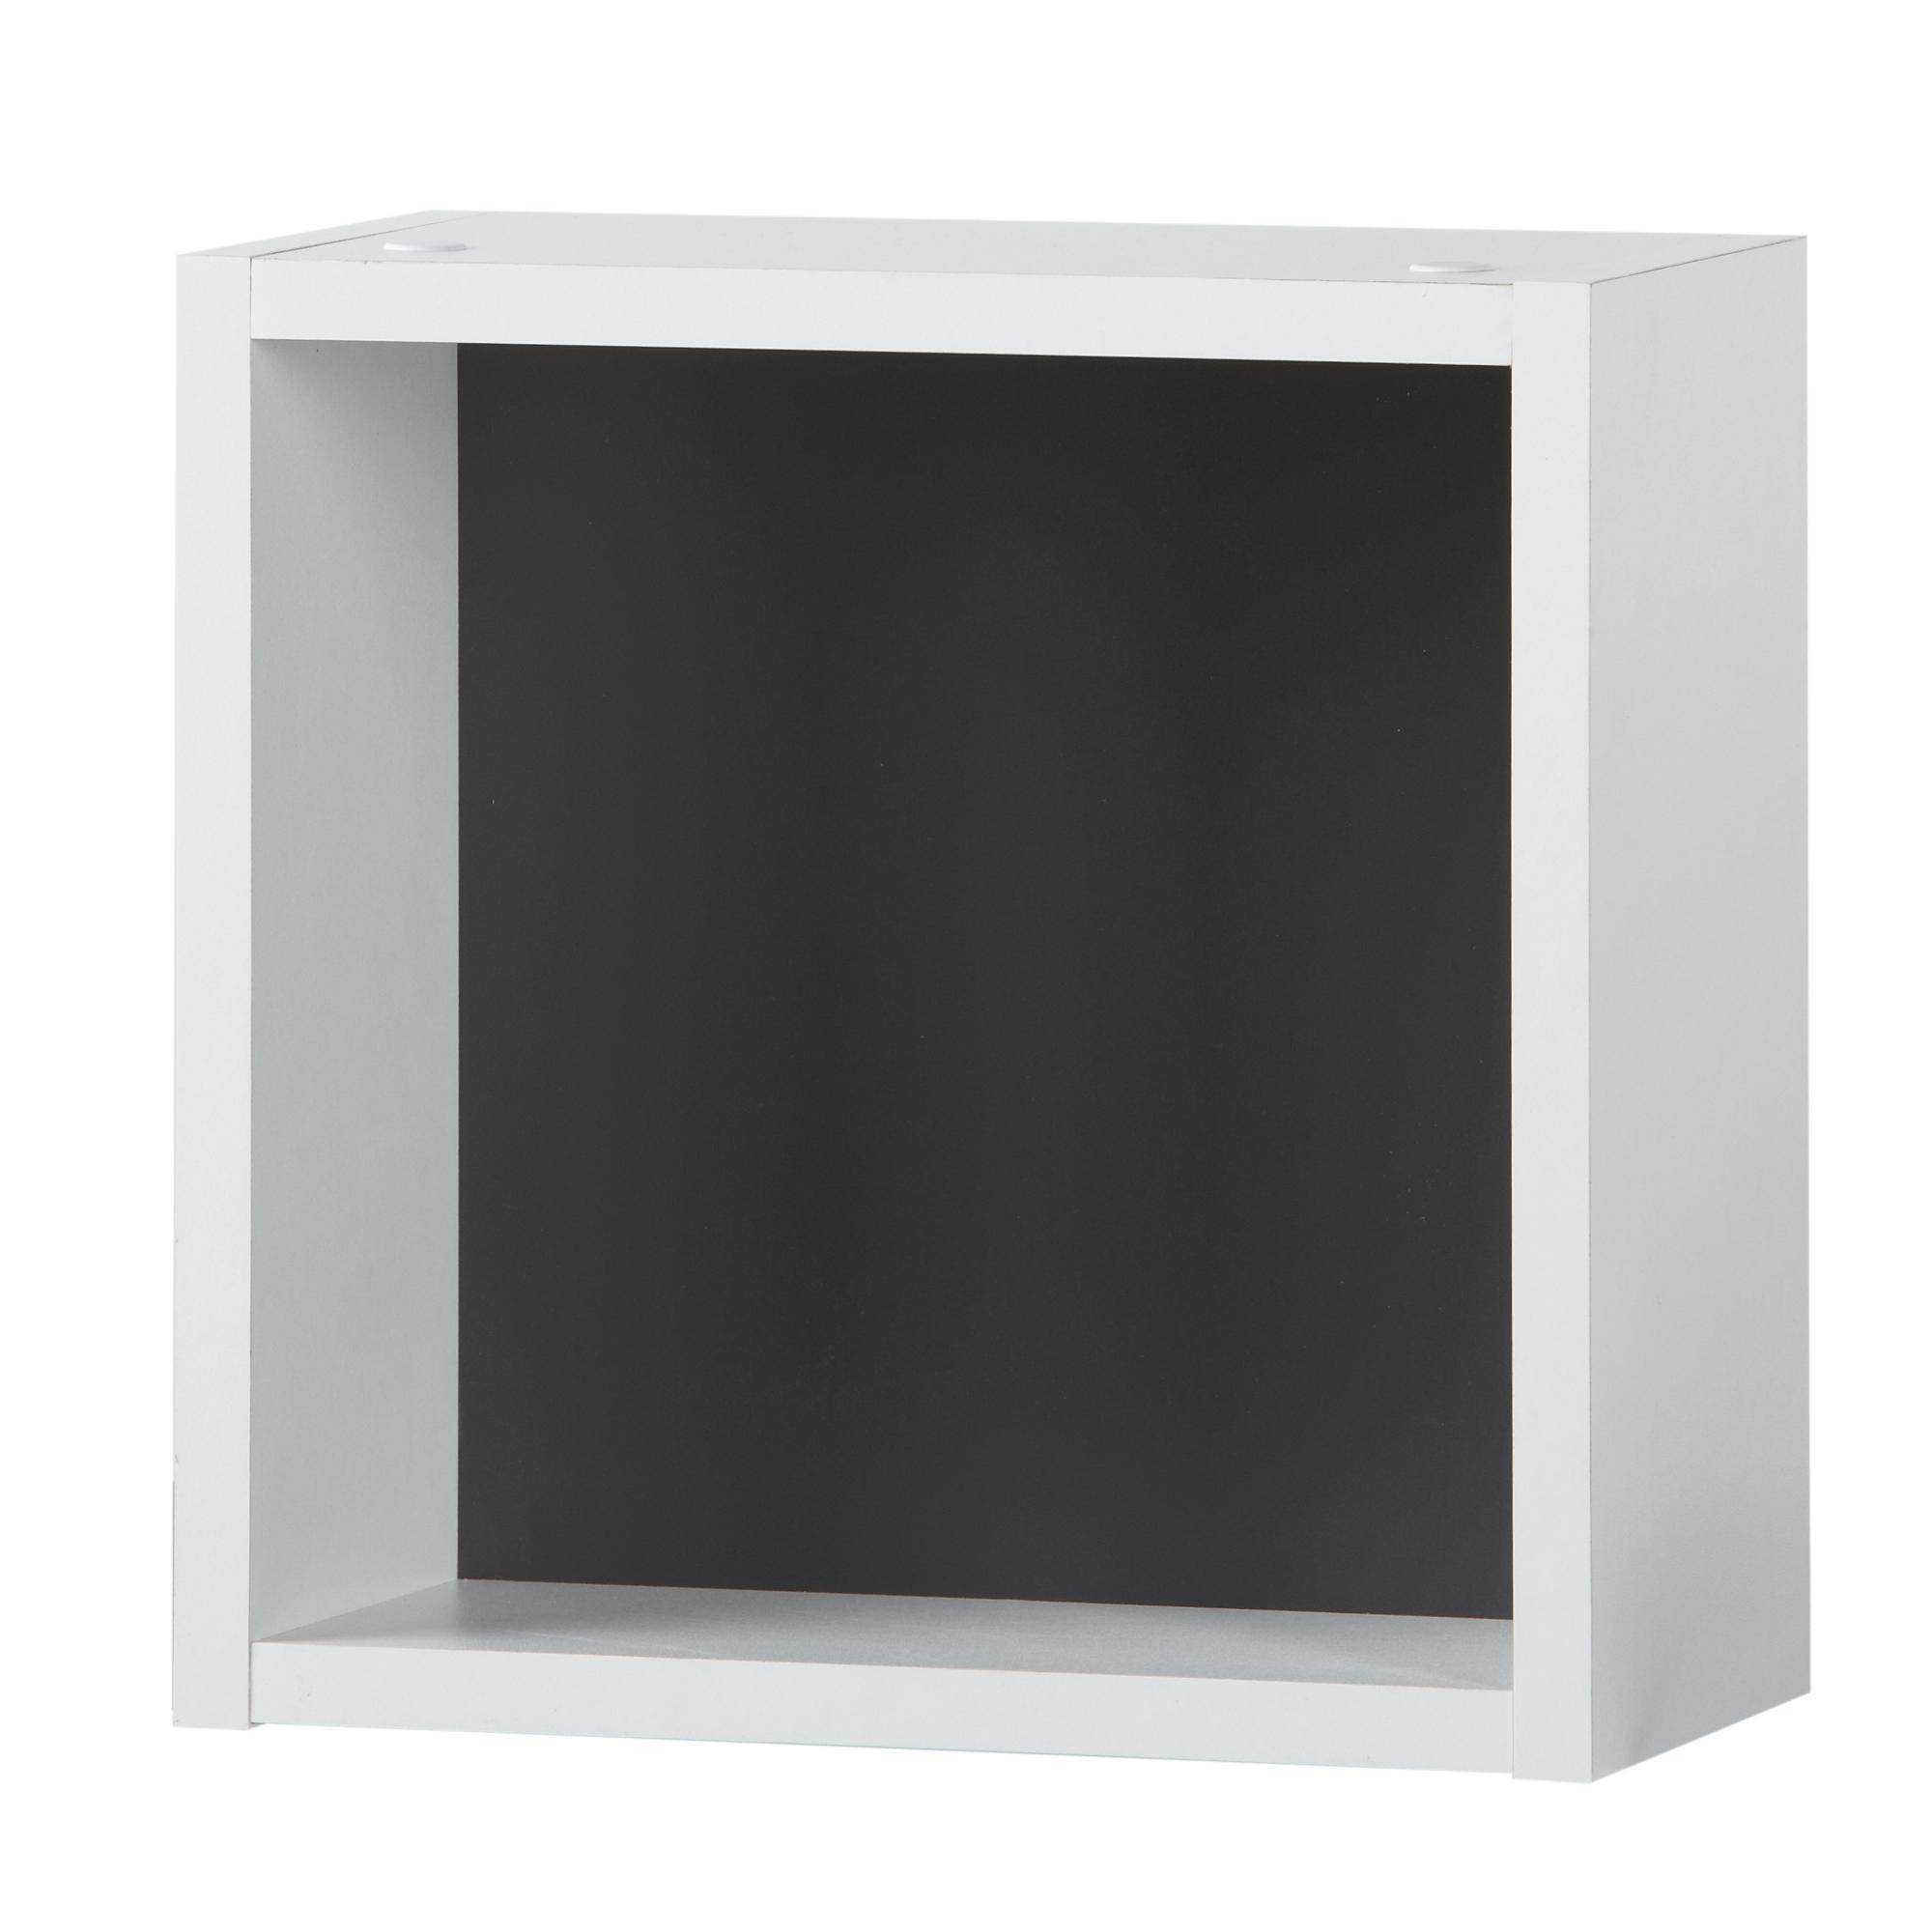 cube de rangement salle de bain maison design. Black Bedroom Furniture Sets. Home Design Ideas